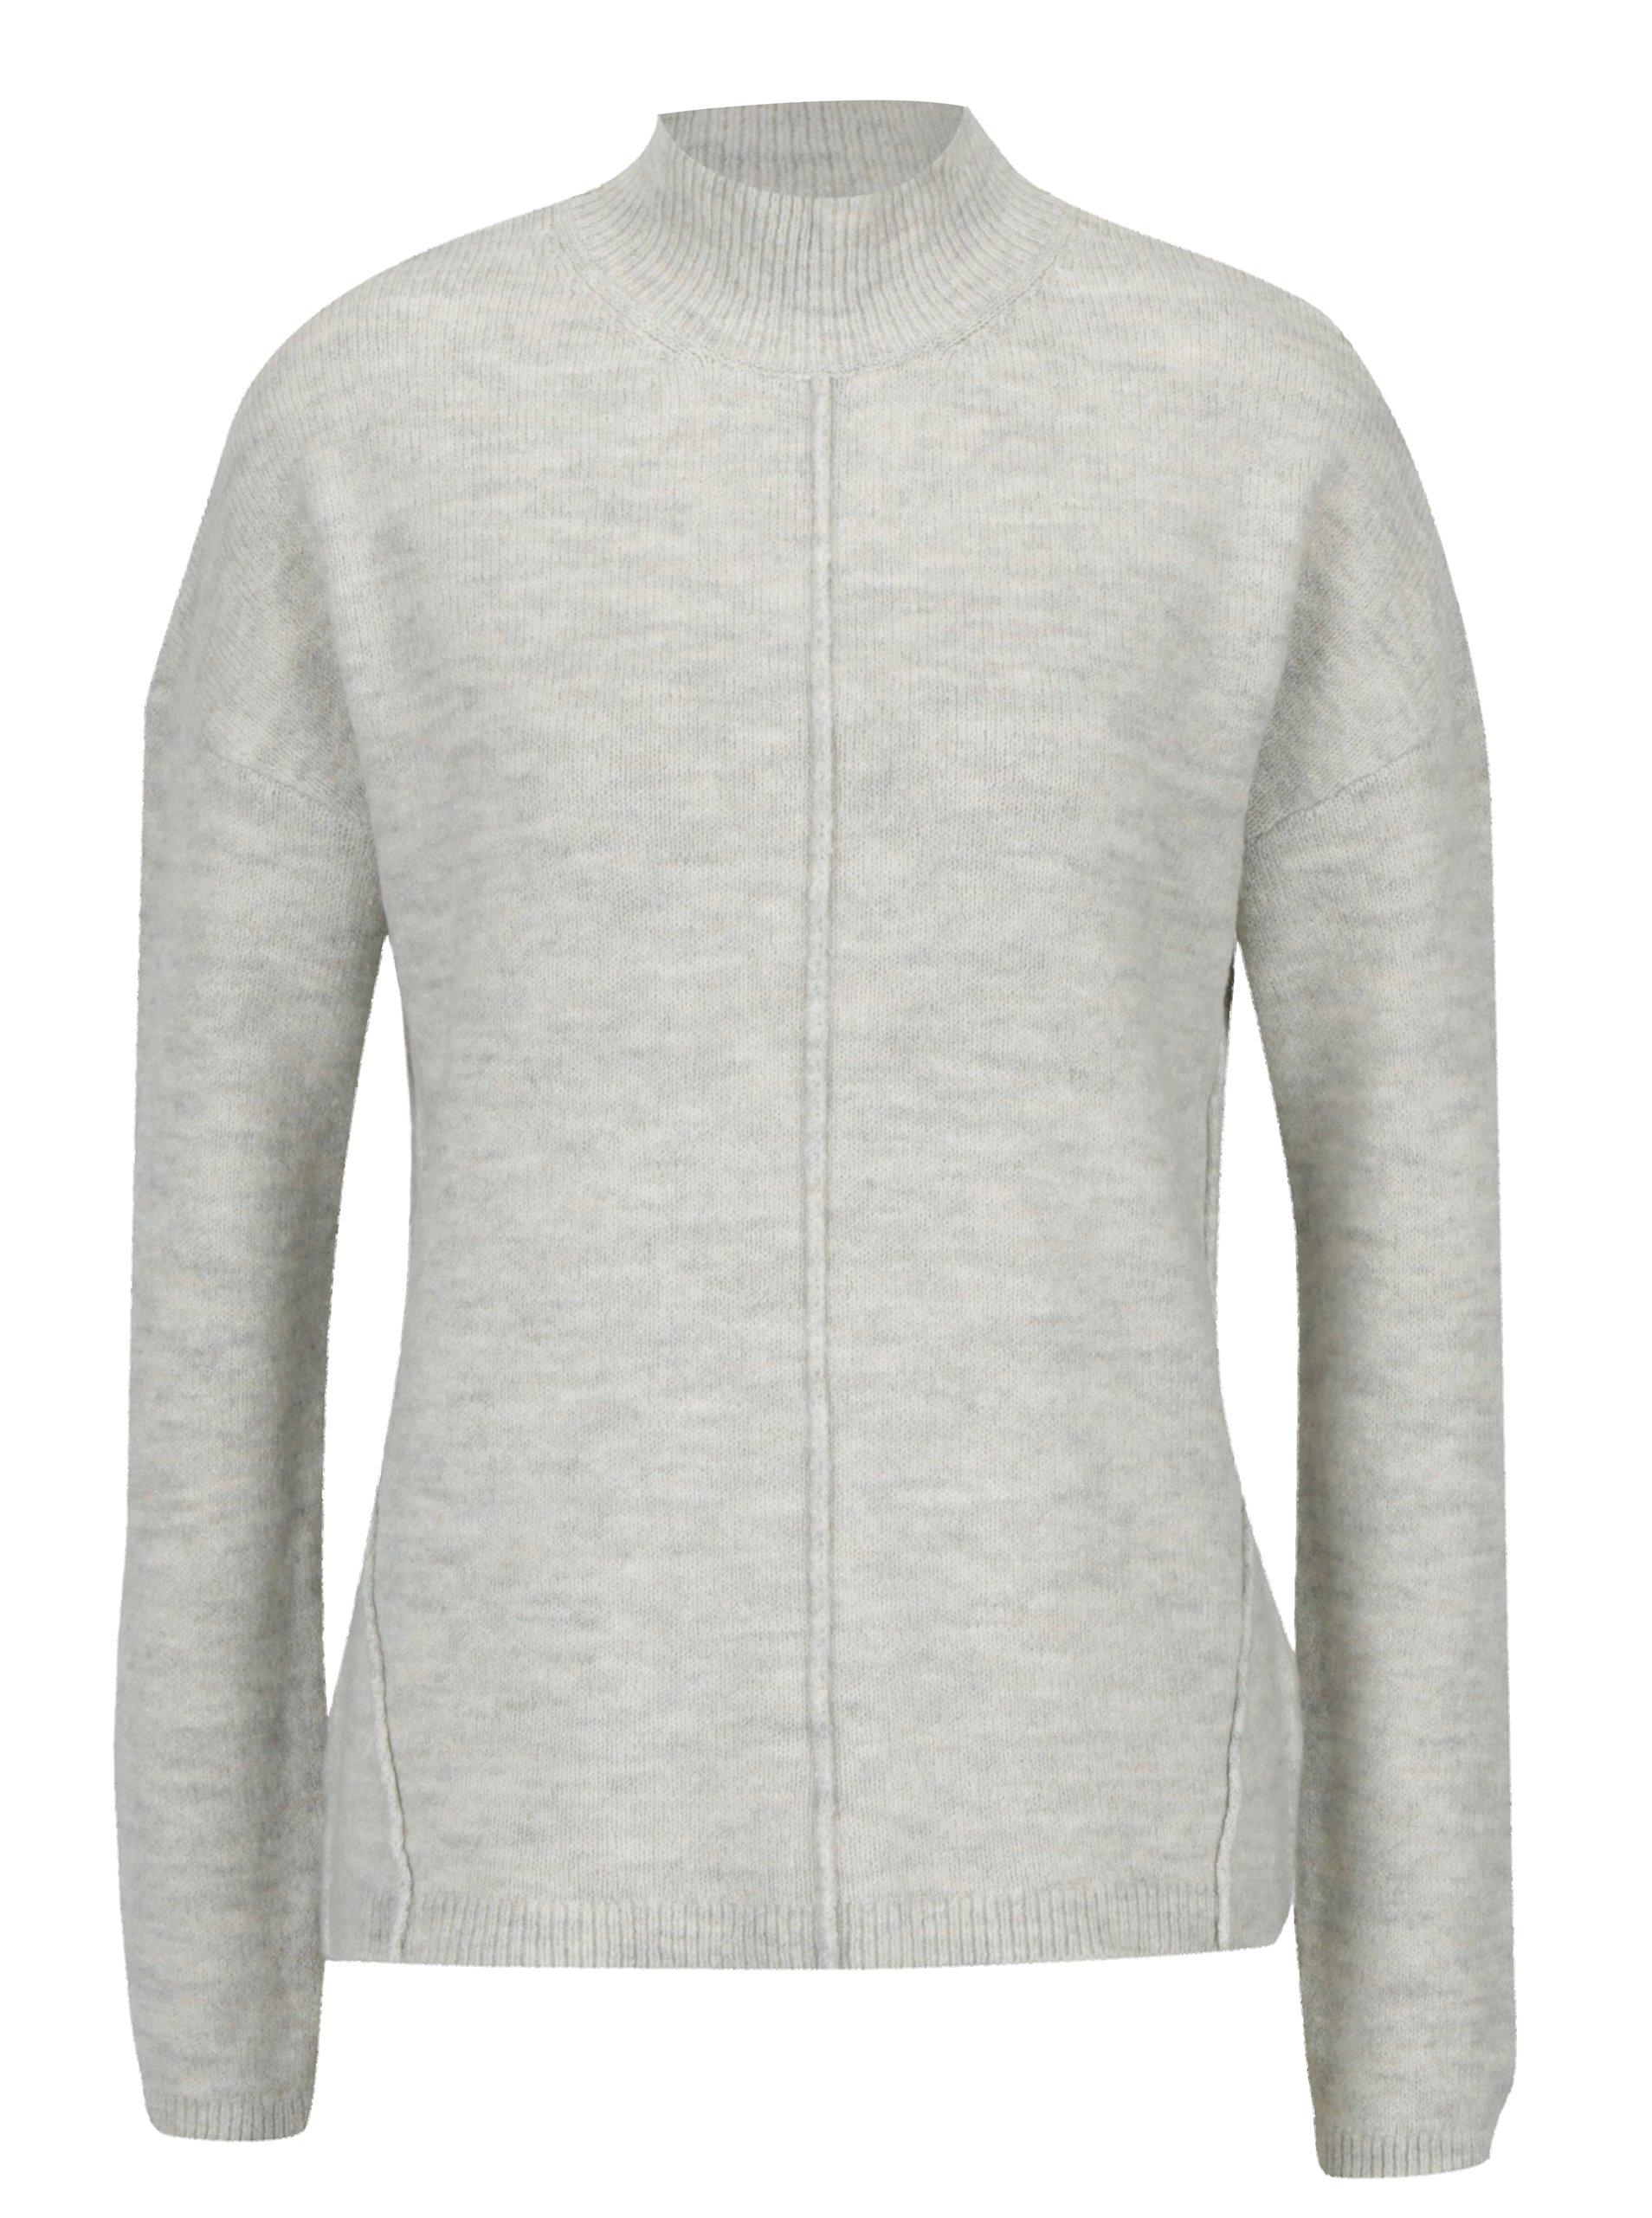 202b60a09826 Sivý dámsky melírovaný sveter so stojačikom s.Oliver